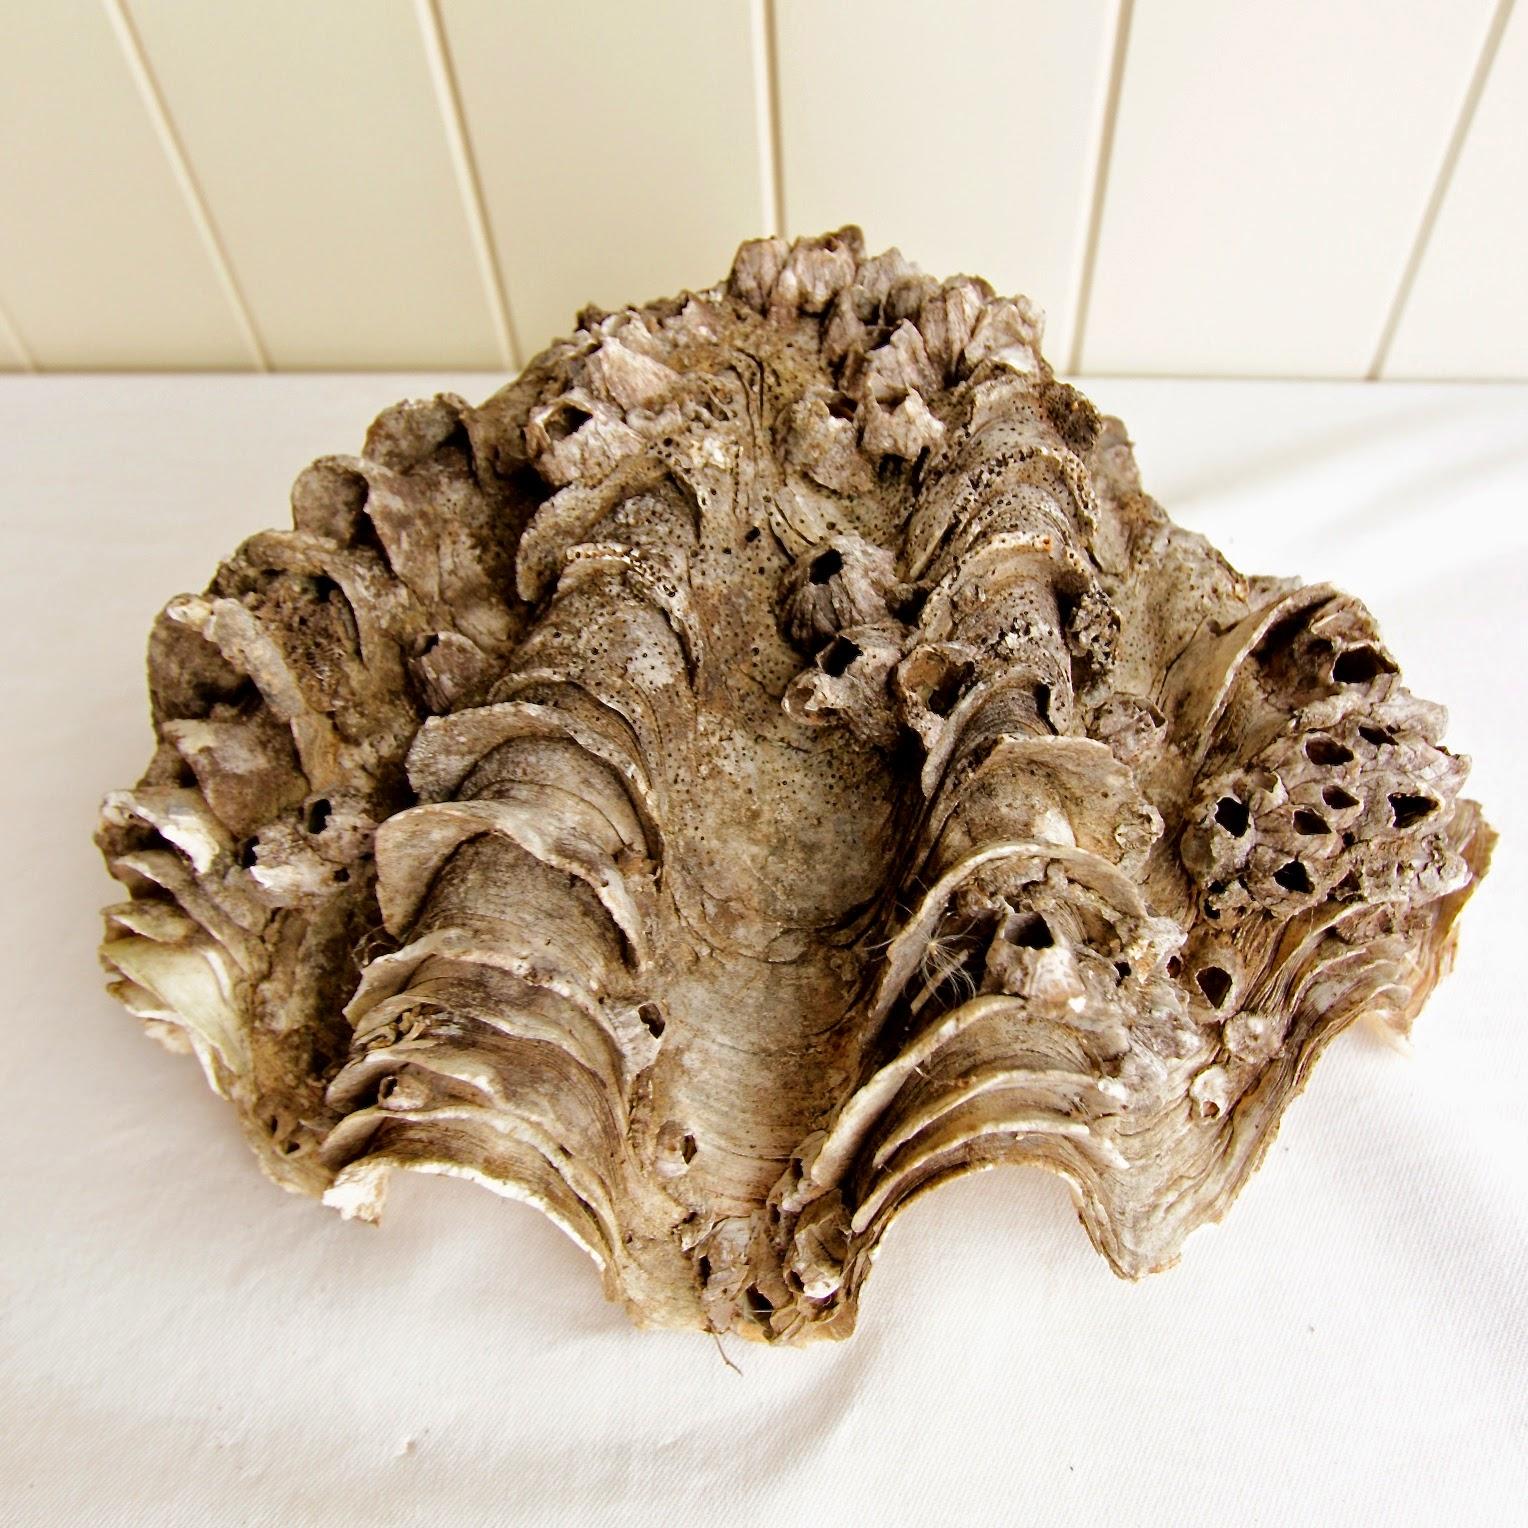 how to clean quahog clams